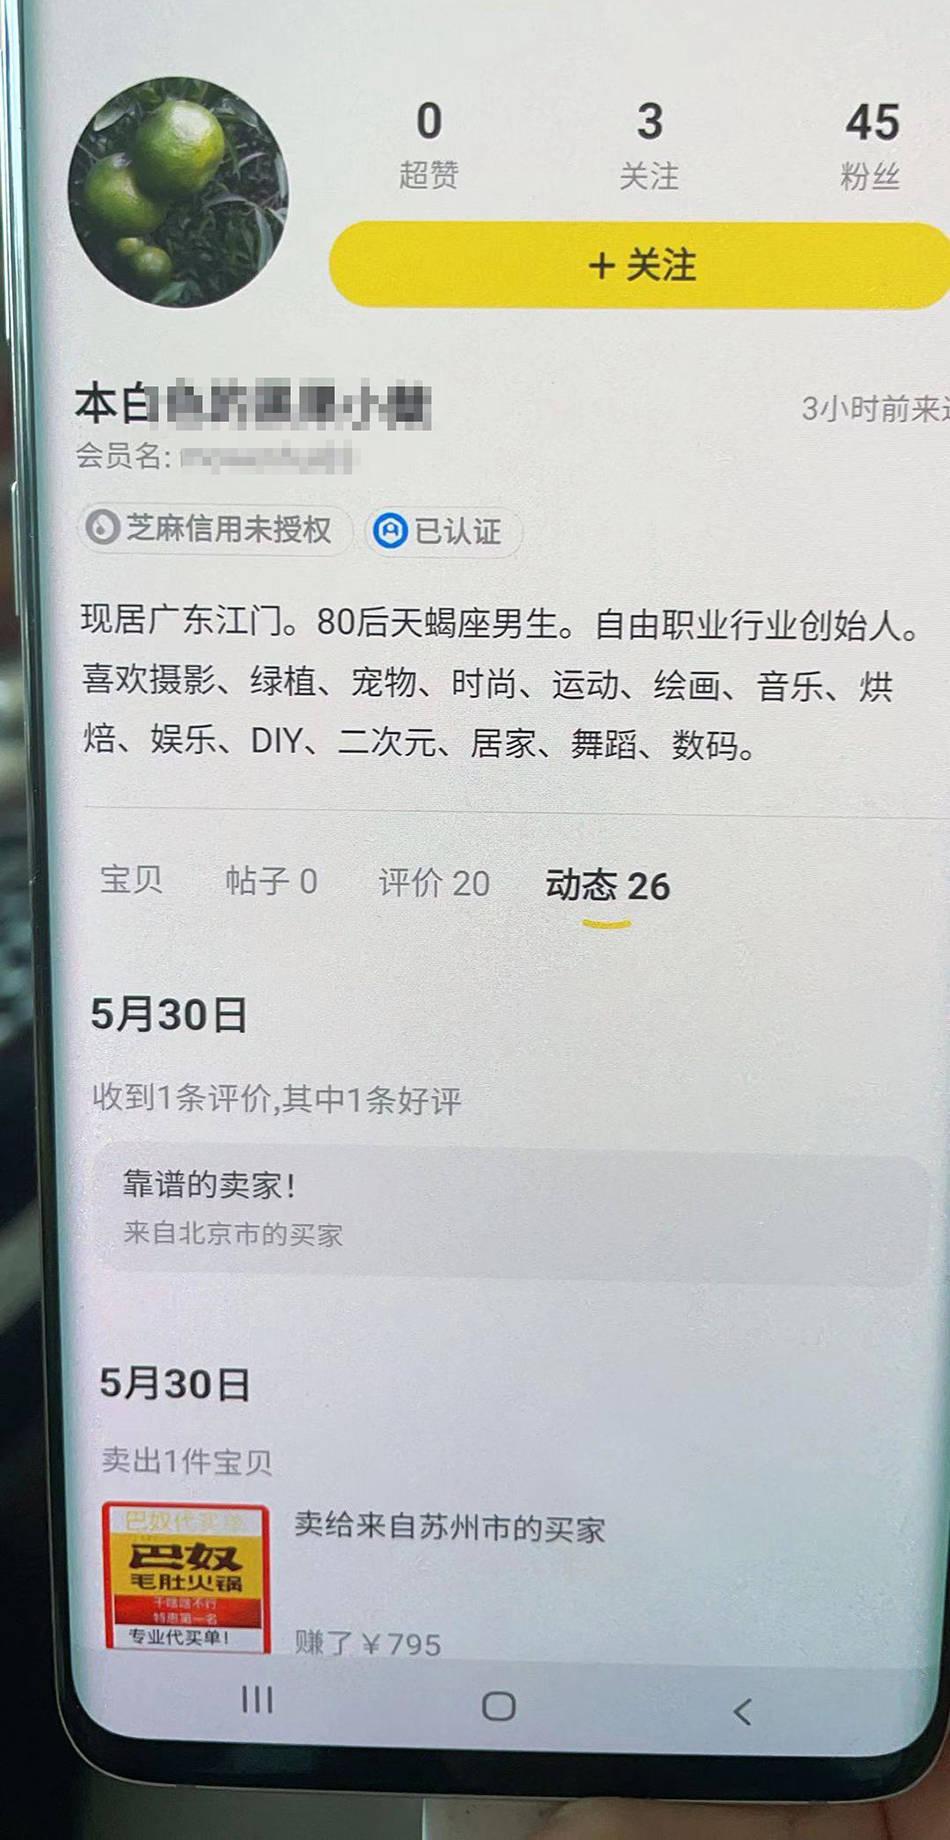 郑州一火锅企业线上渠道疑遭黑客侵入:花2元充54万,警方立案